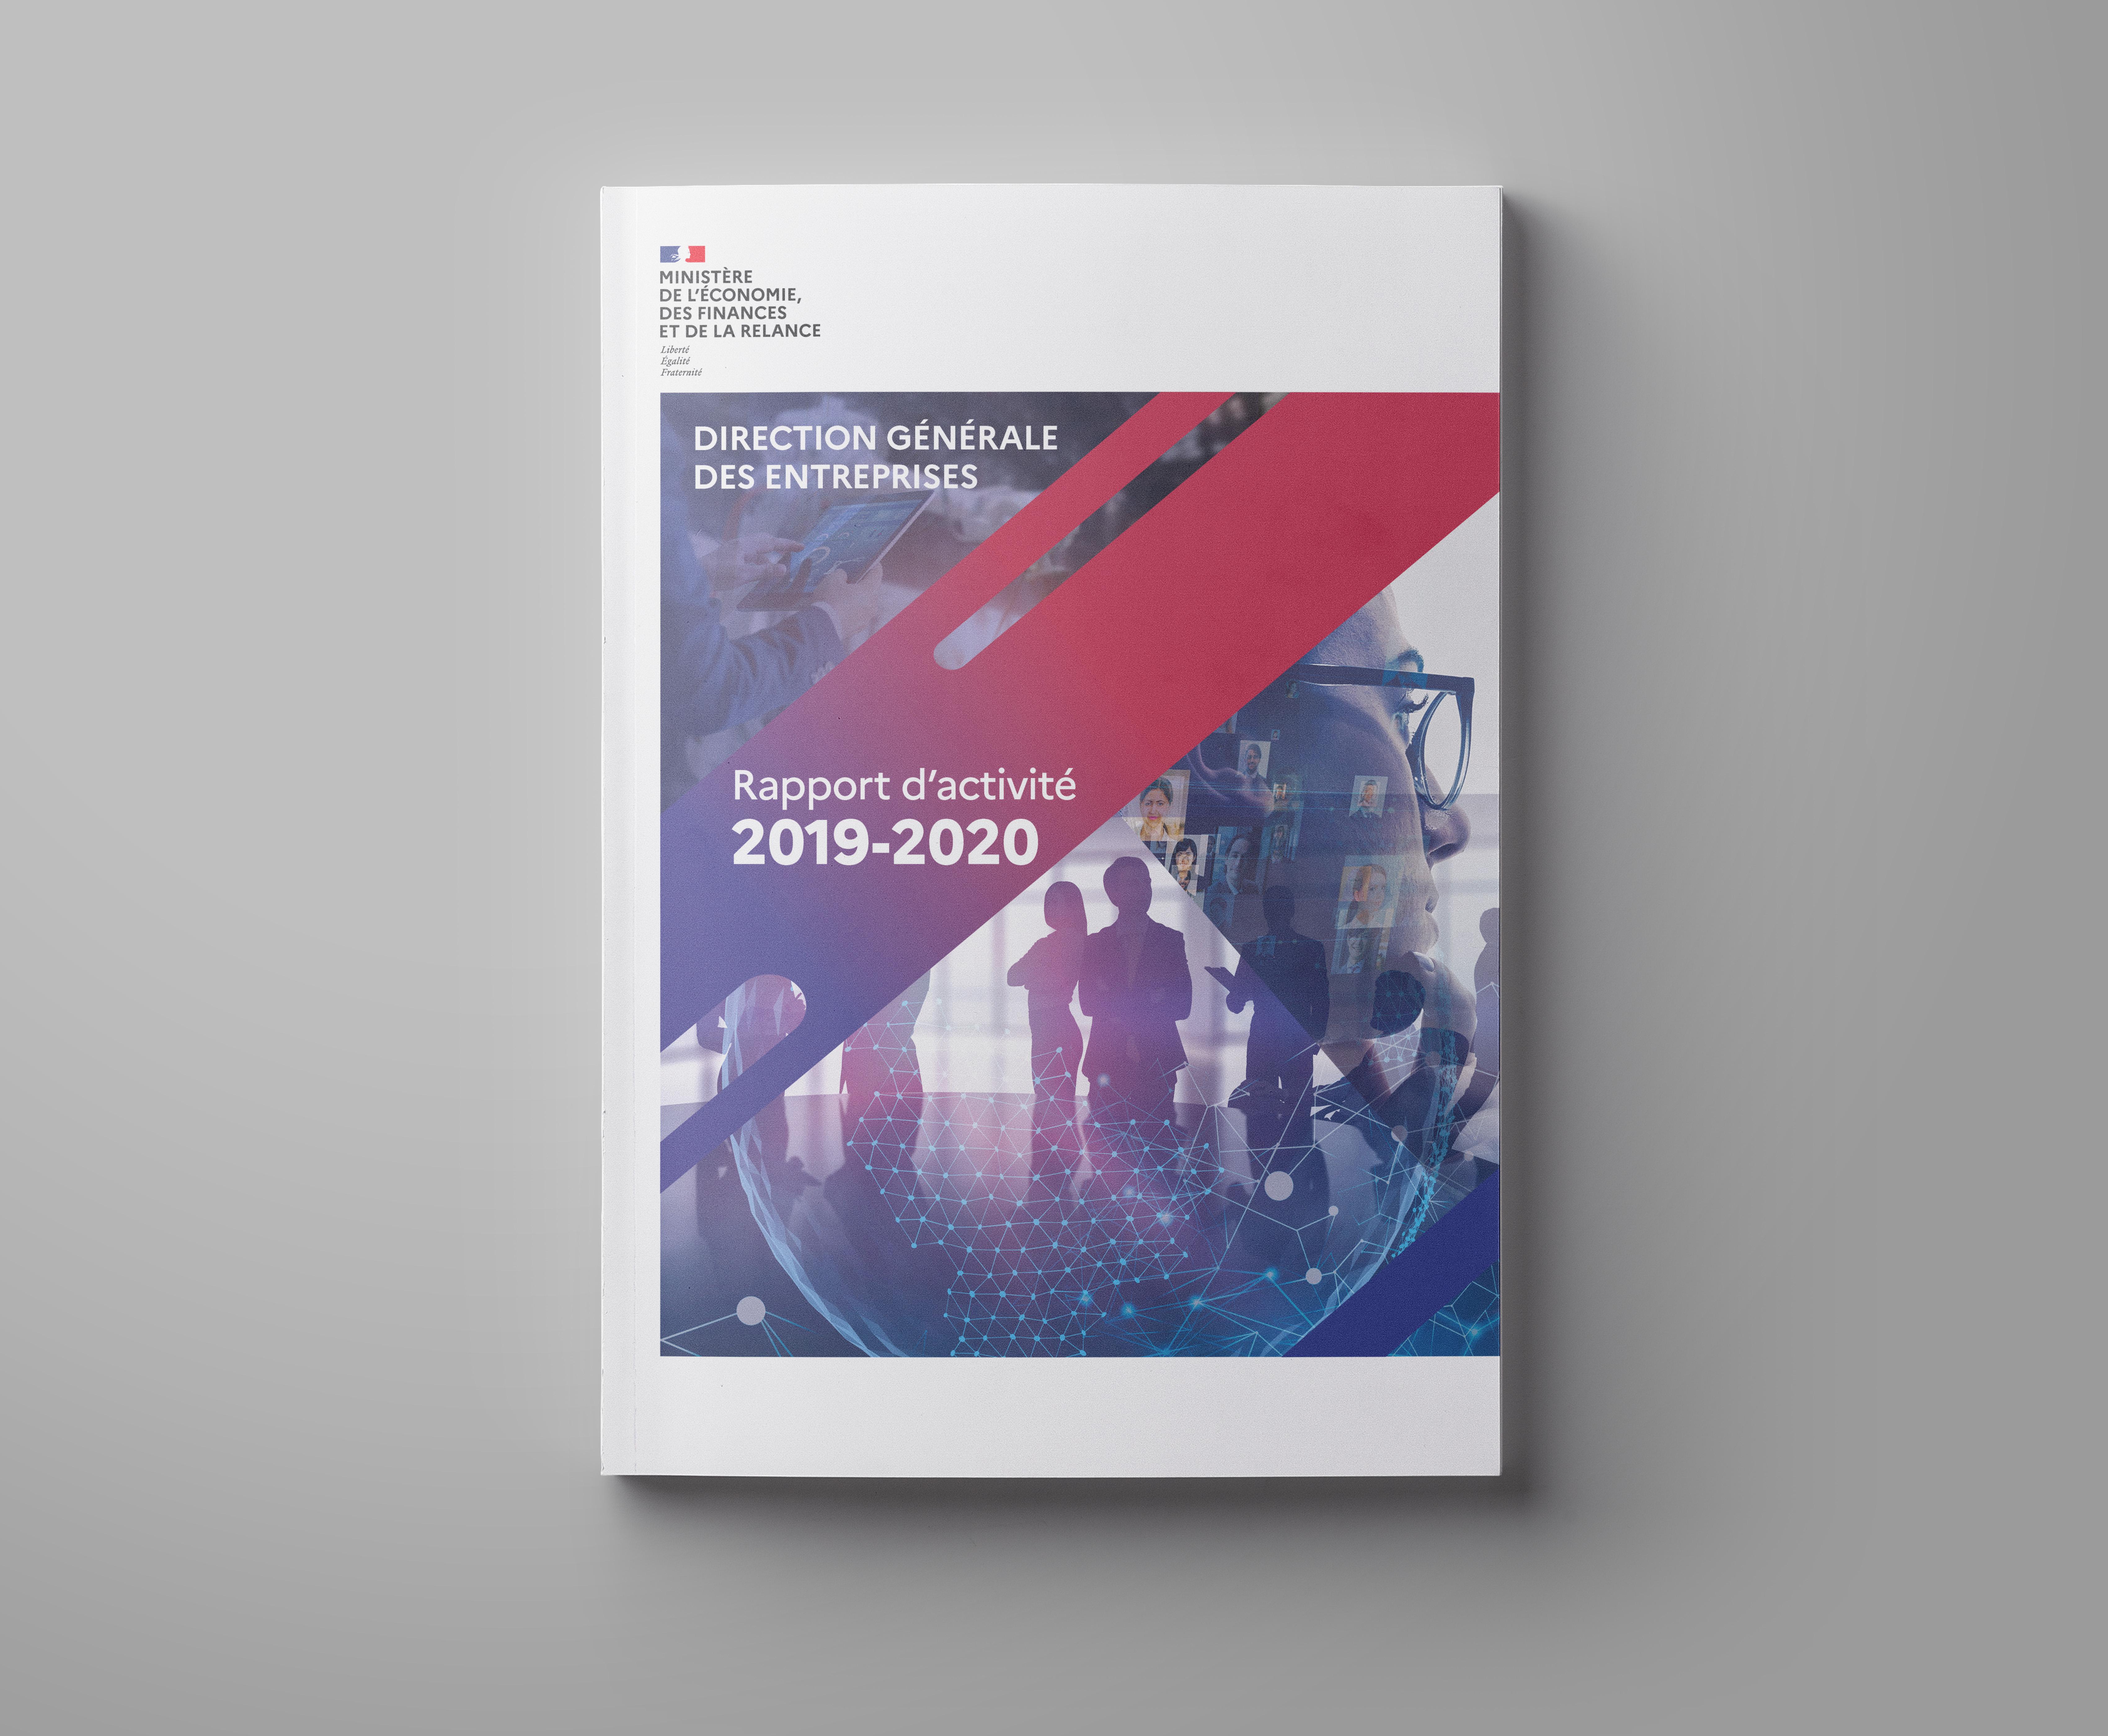 DGE_Rapport d'activité-2019-2020